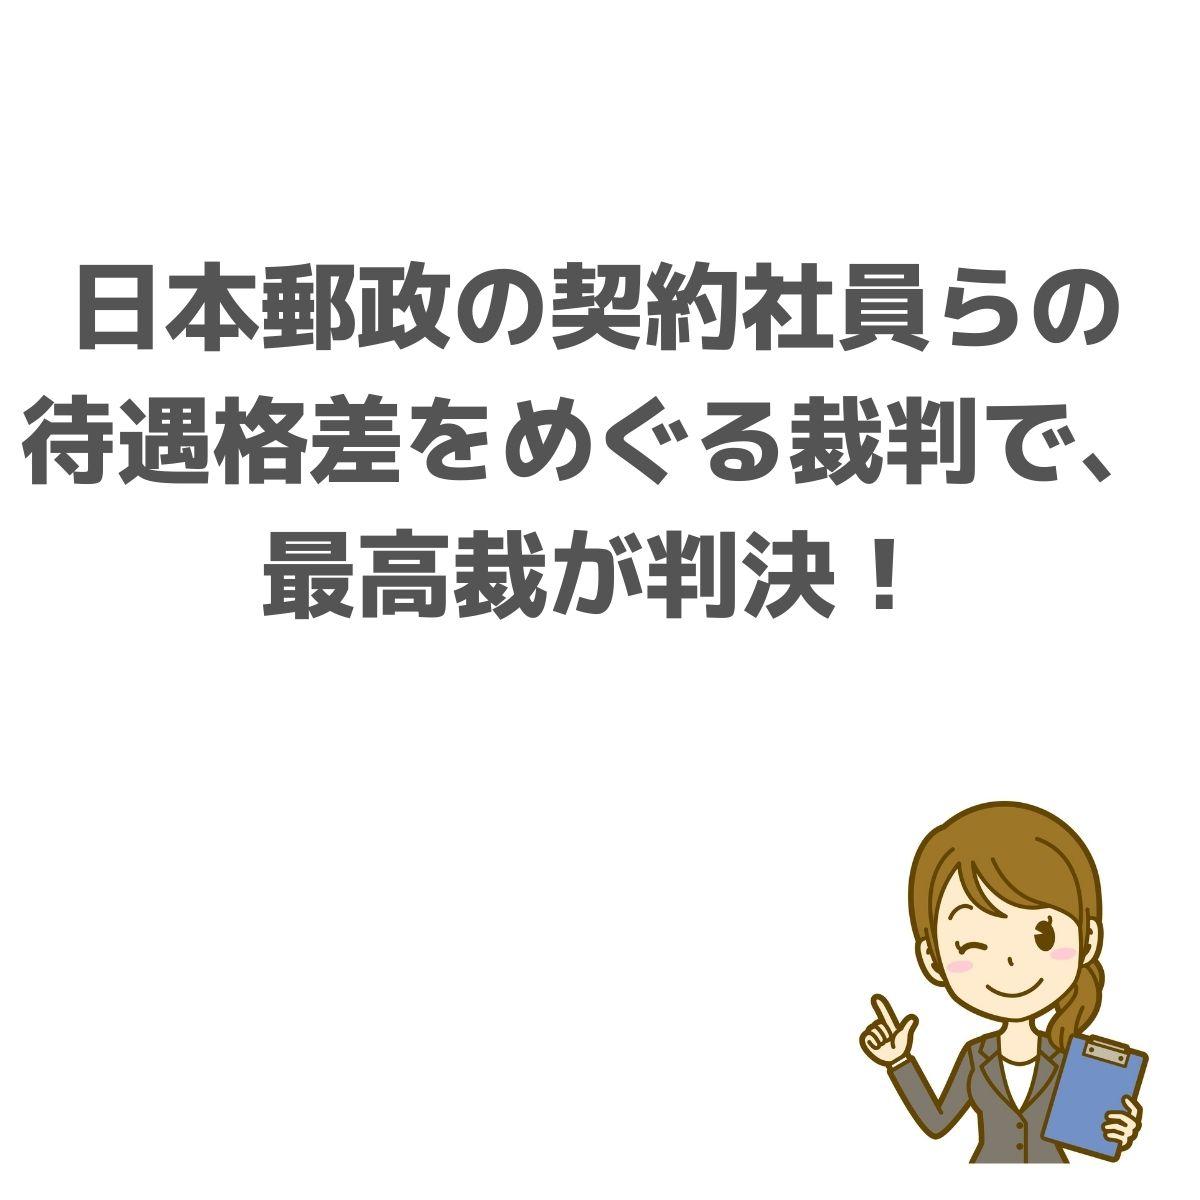 日本郵便 待遇格差 同一労働同一賃金